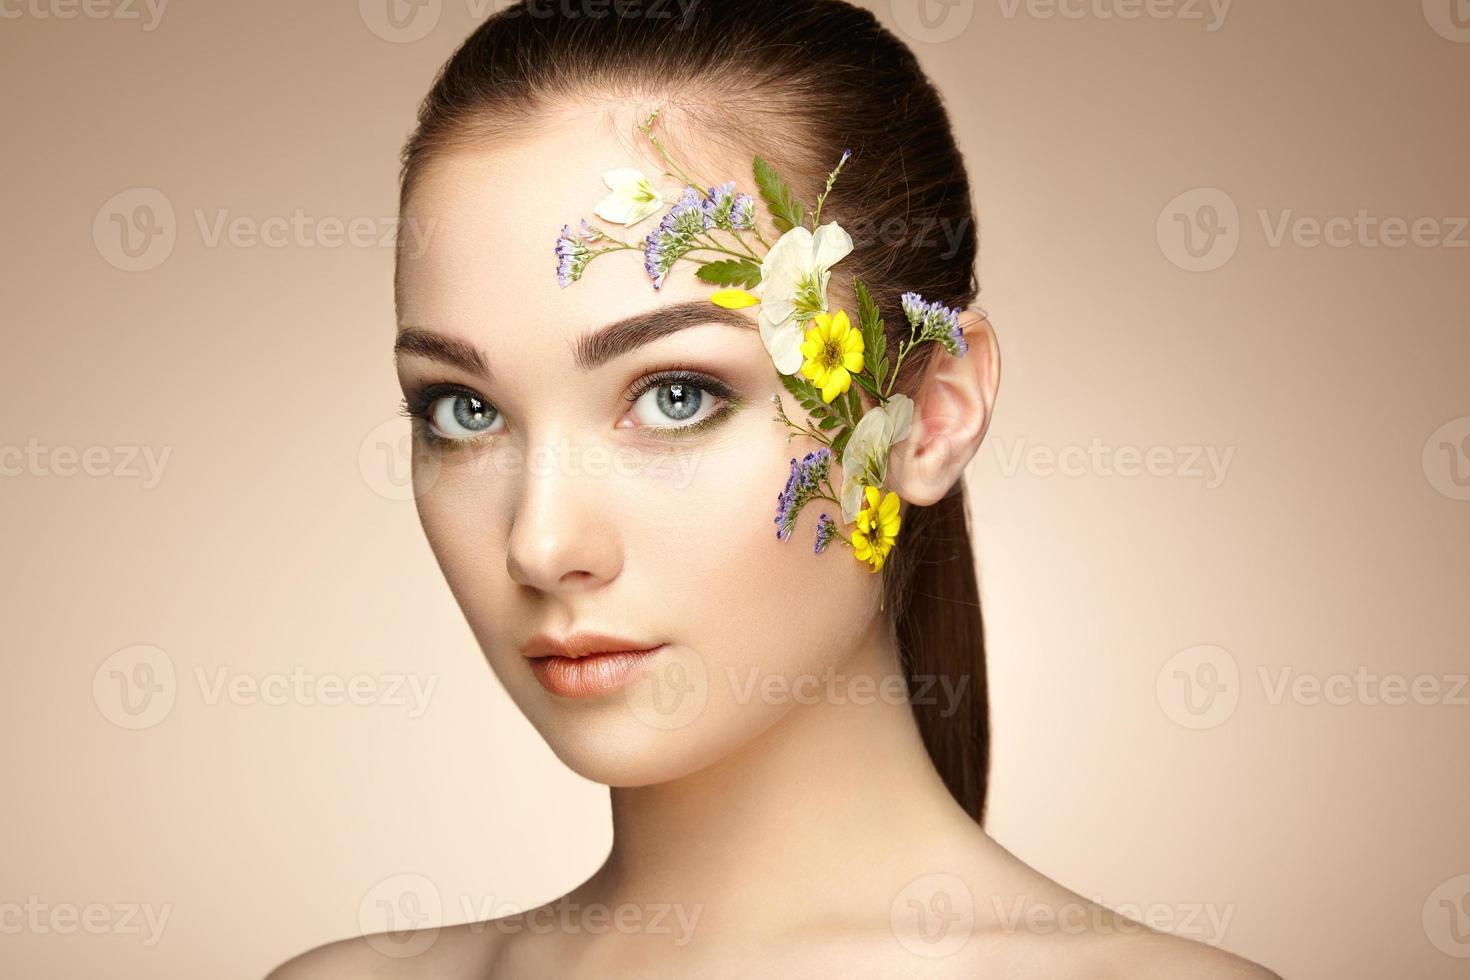 volto di una bella donna decorata con fiori foto